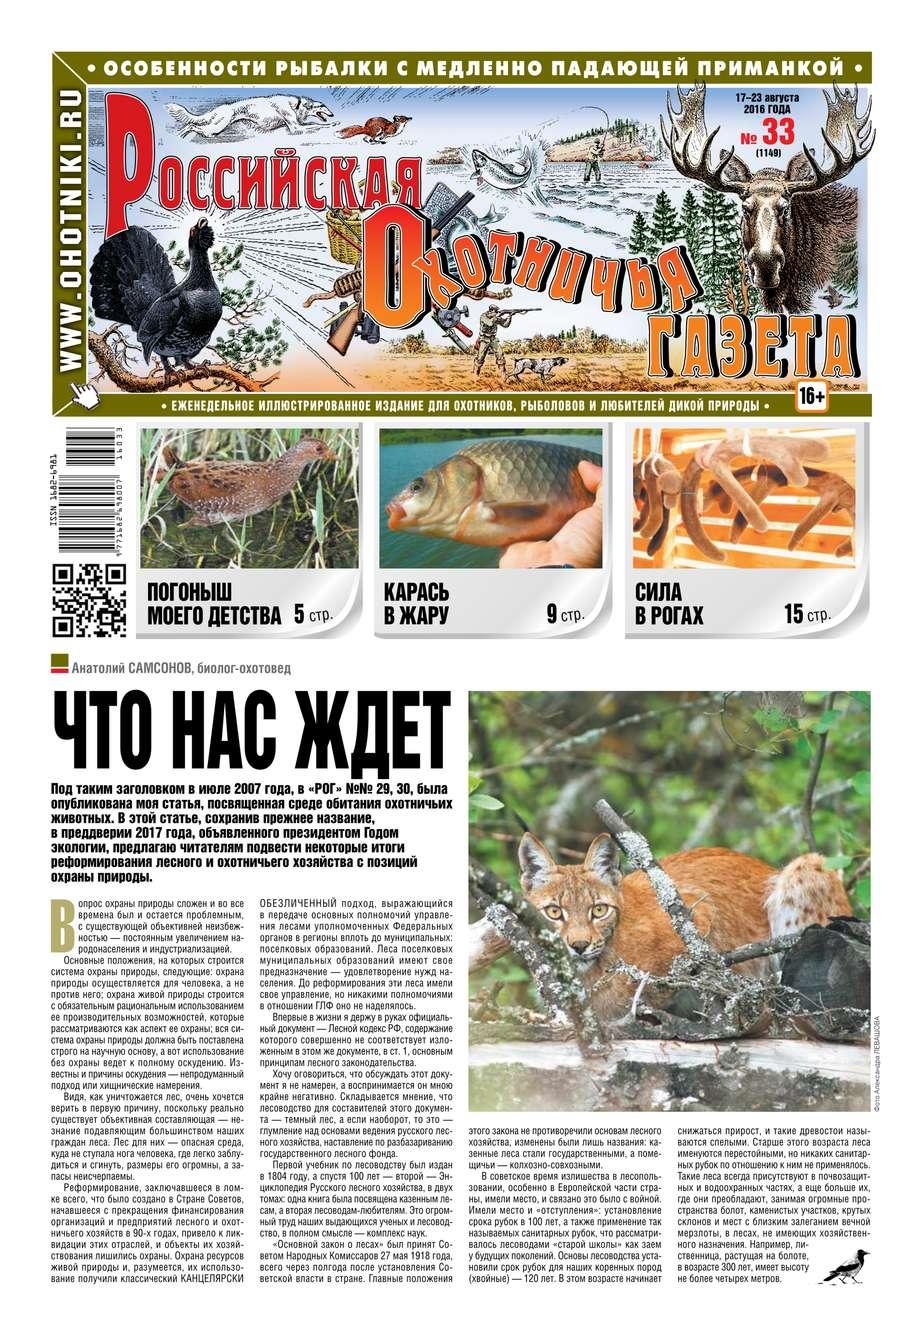 Редакция газеты Российская Охотничья Газета Российская Охотничья Газета 33-2016 цена в Москве и Питере